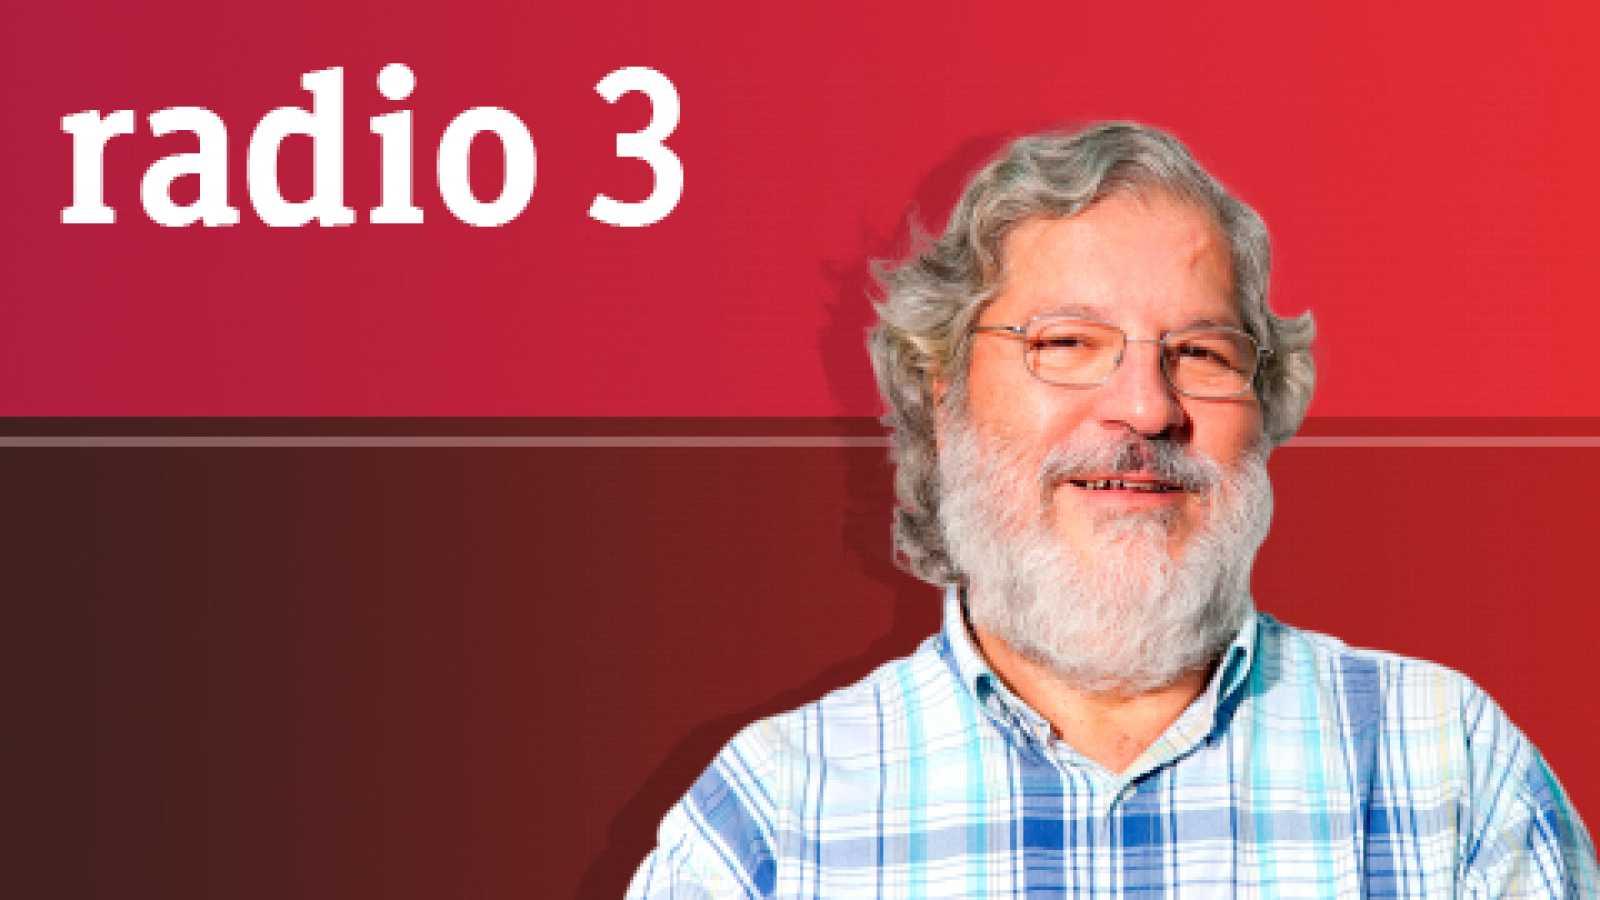 Discópolis 11.295 - Vº Centenario Los Comuneros - 22/04/21 - escuchar ahora